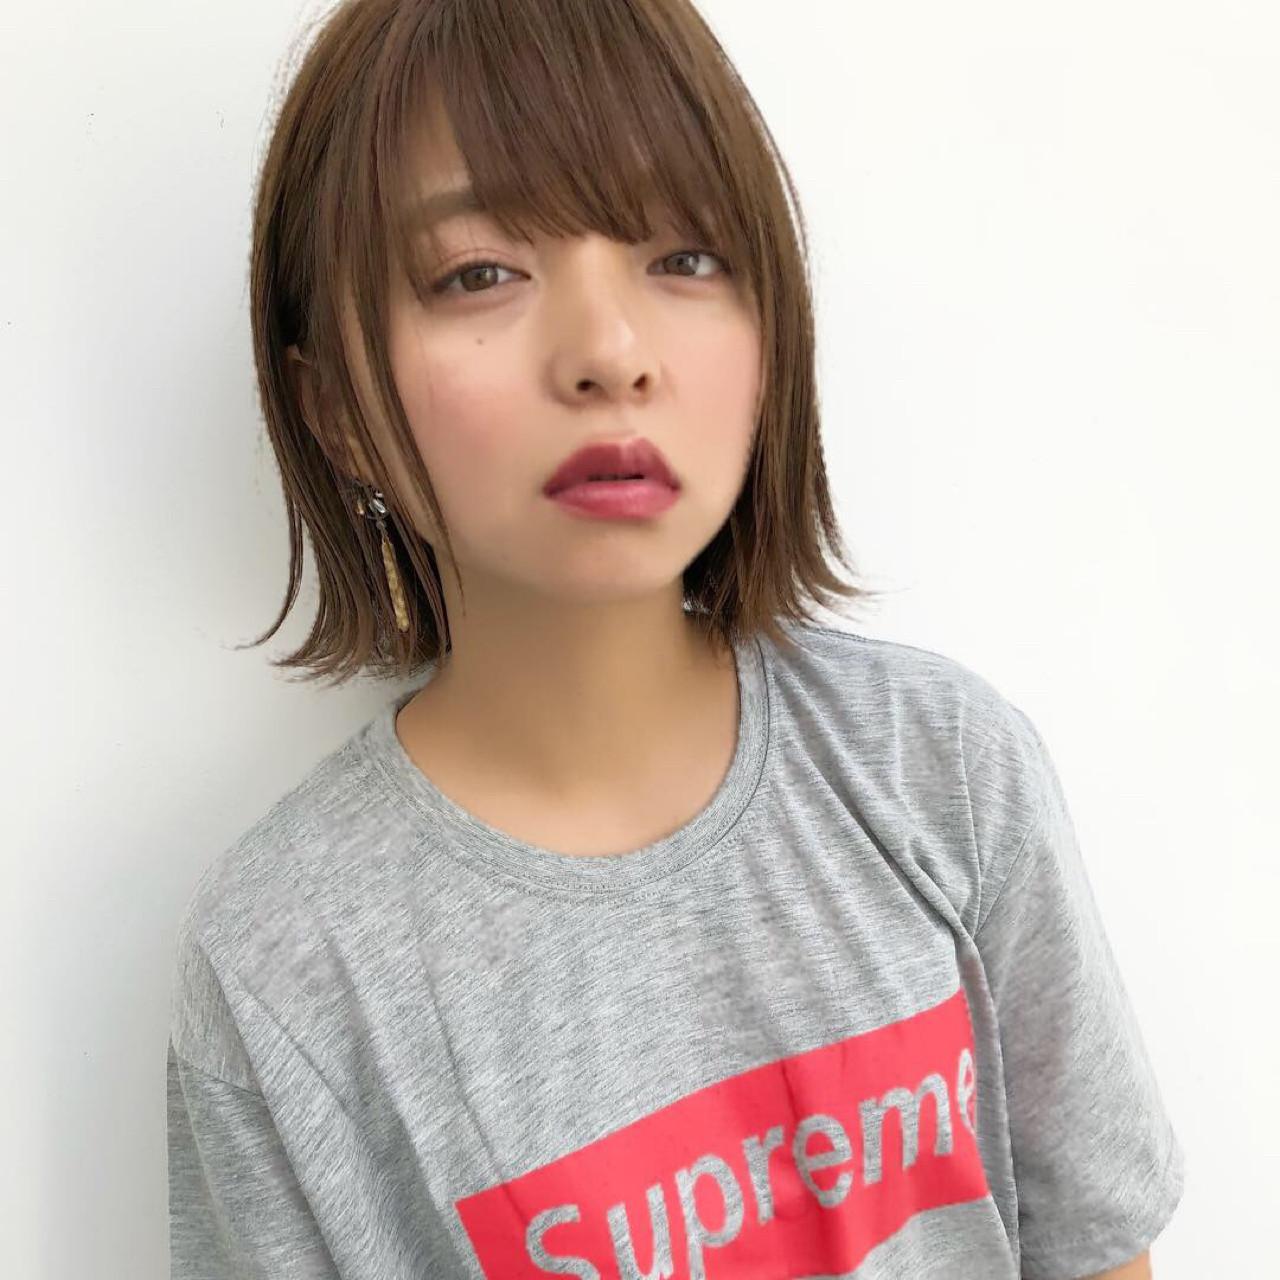 切りっぱなし 透明感 ボブ 外ハネ ヘアスタイルや髪型の写真・画像 | 切りっぱなしレイヤー&パーマ Un ami 増永 / Un ami omotesando